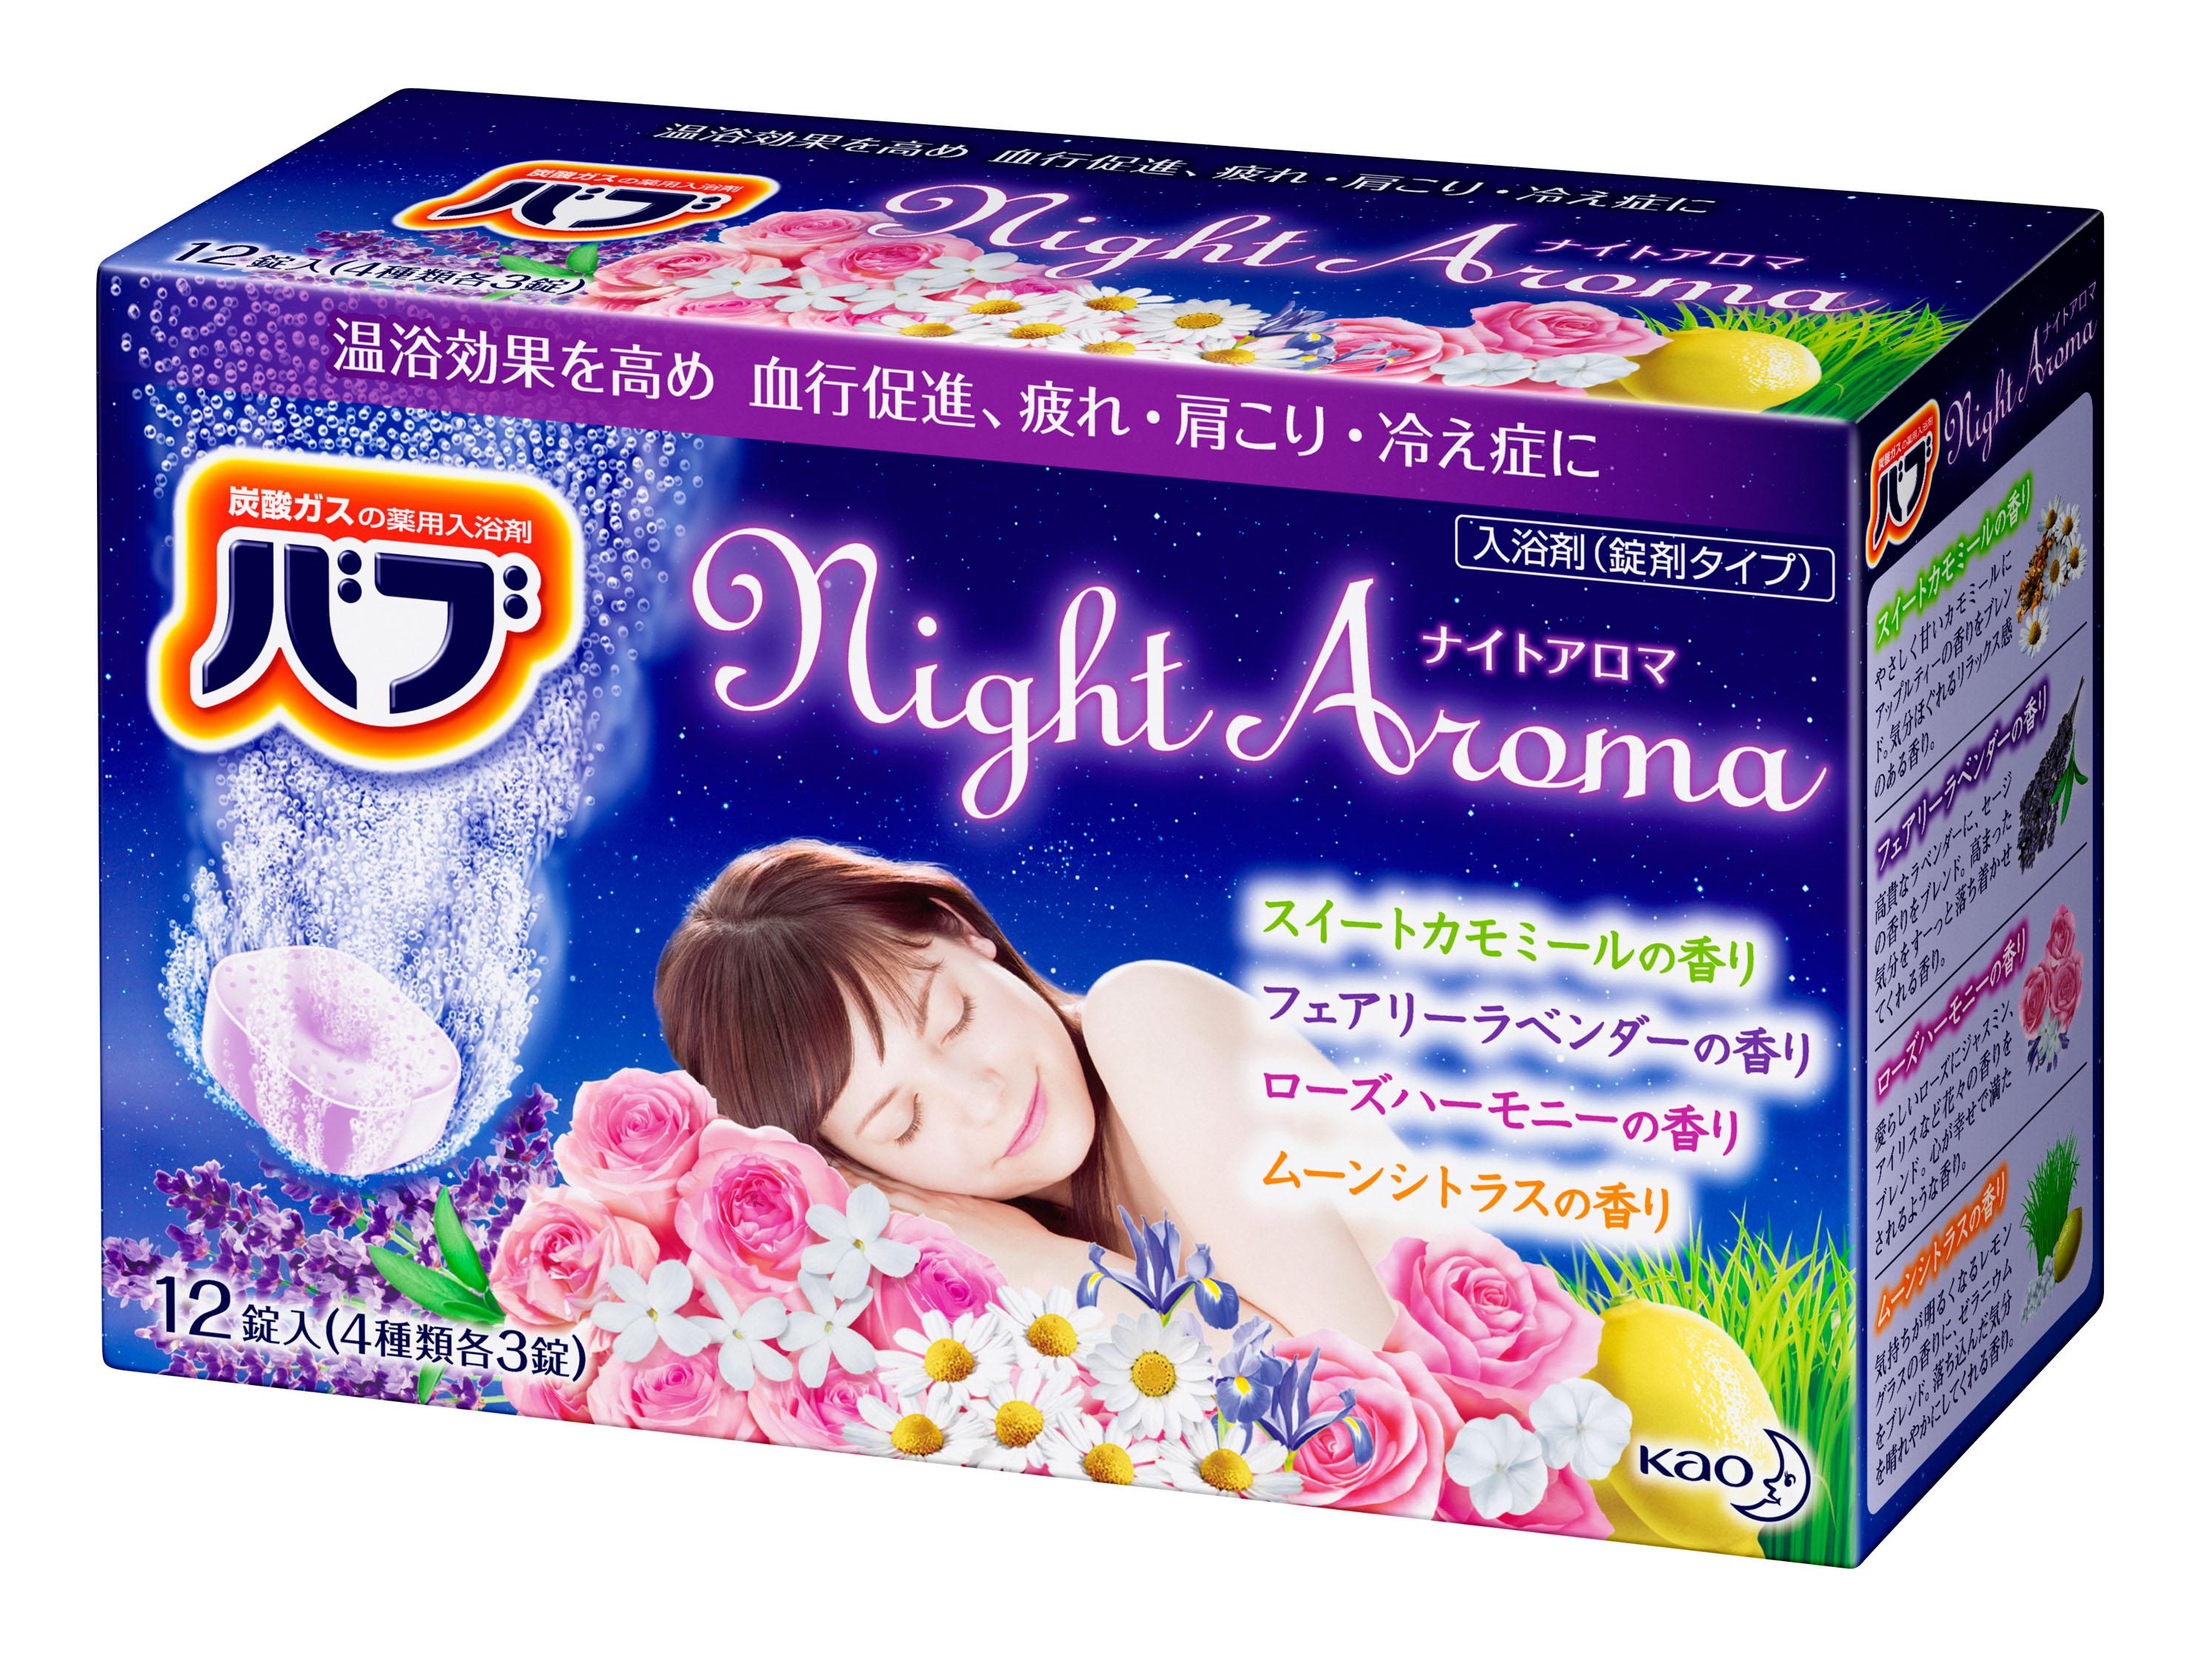 【日本花王Kao bub 溫泉錠】碳酸溫泉錠/泡澡錠- 晚安香氛 紫色( 非眼罩)